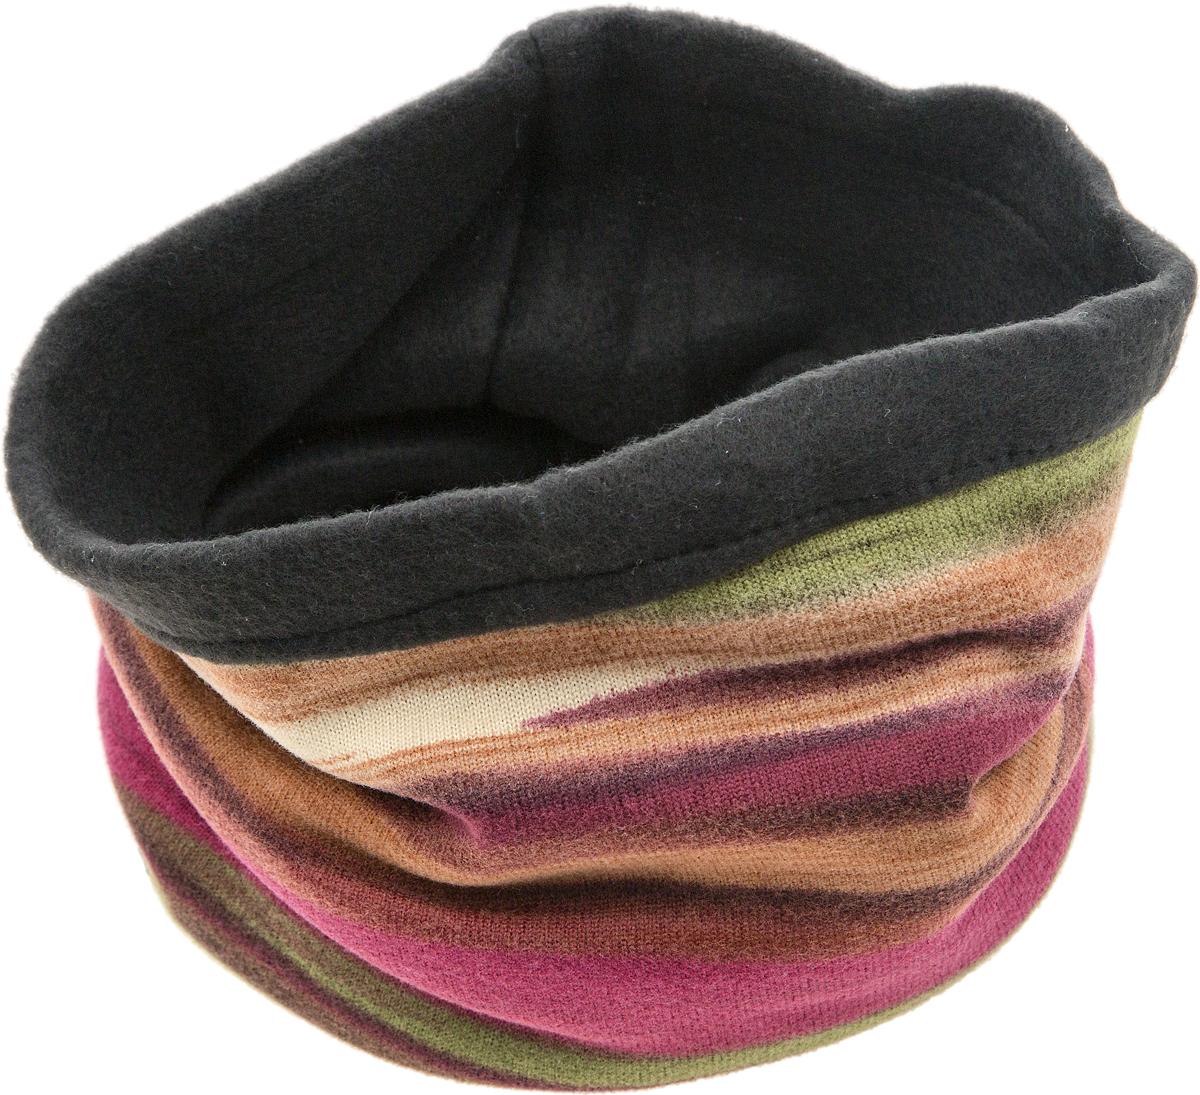 ШарфW - 25Мультишарфы можно встретить под разными названиями: мультишарф, мультибандана, платок трансформер, Baff, но вне зависимости от того, как Вы назовете этот аксессуар, его уникальные возможности останутся неизменными. Вы с легкостью и удобством можете одеть этот мультишарф на голову и шею 12 различными способами. В сильные морозы, пронизывающий ветер или пыльную бурю - с мультишарфом Вы будете готовы к любым капризам природы. Авторская работа.